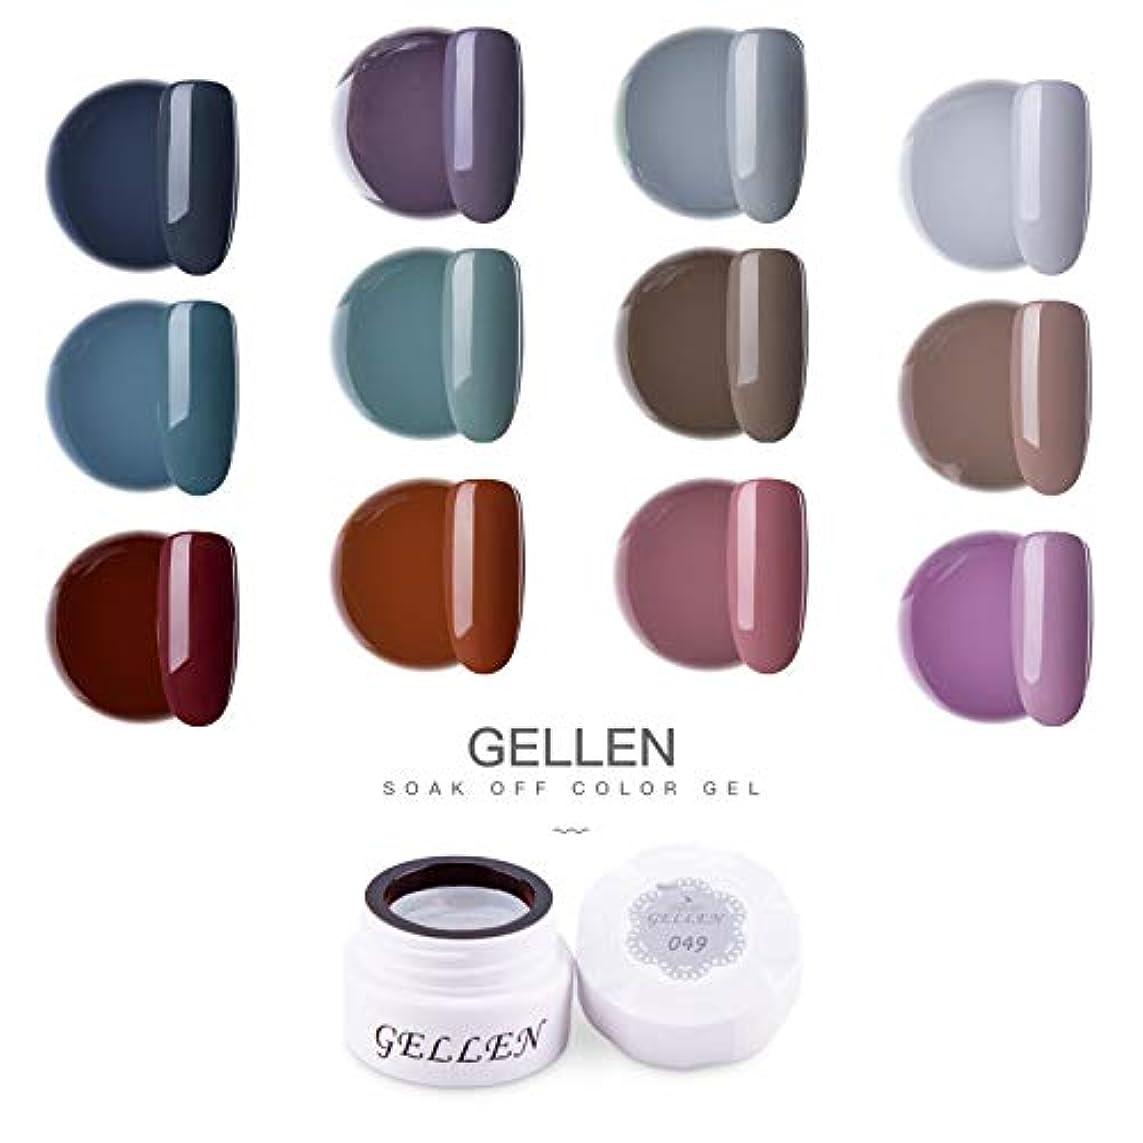 ずるいモノグラフ信頼できるGellen カラージェル 12色 セット[クラッシク シリーズ]高品質 5g ジェルネイル カラー ネイルブラシ付き